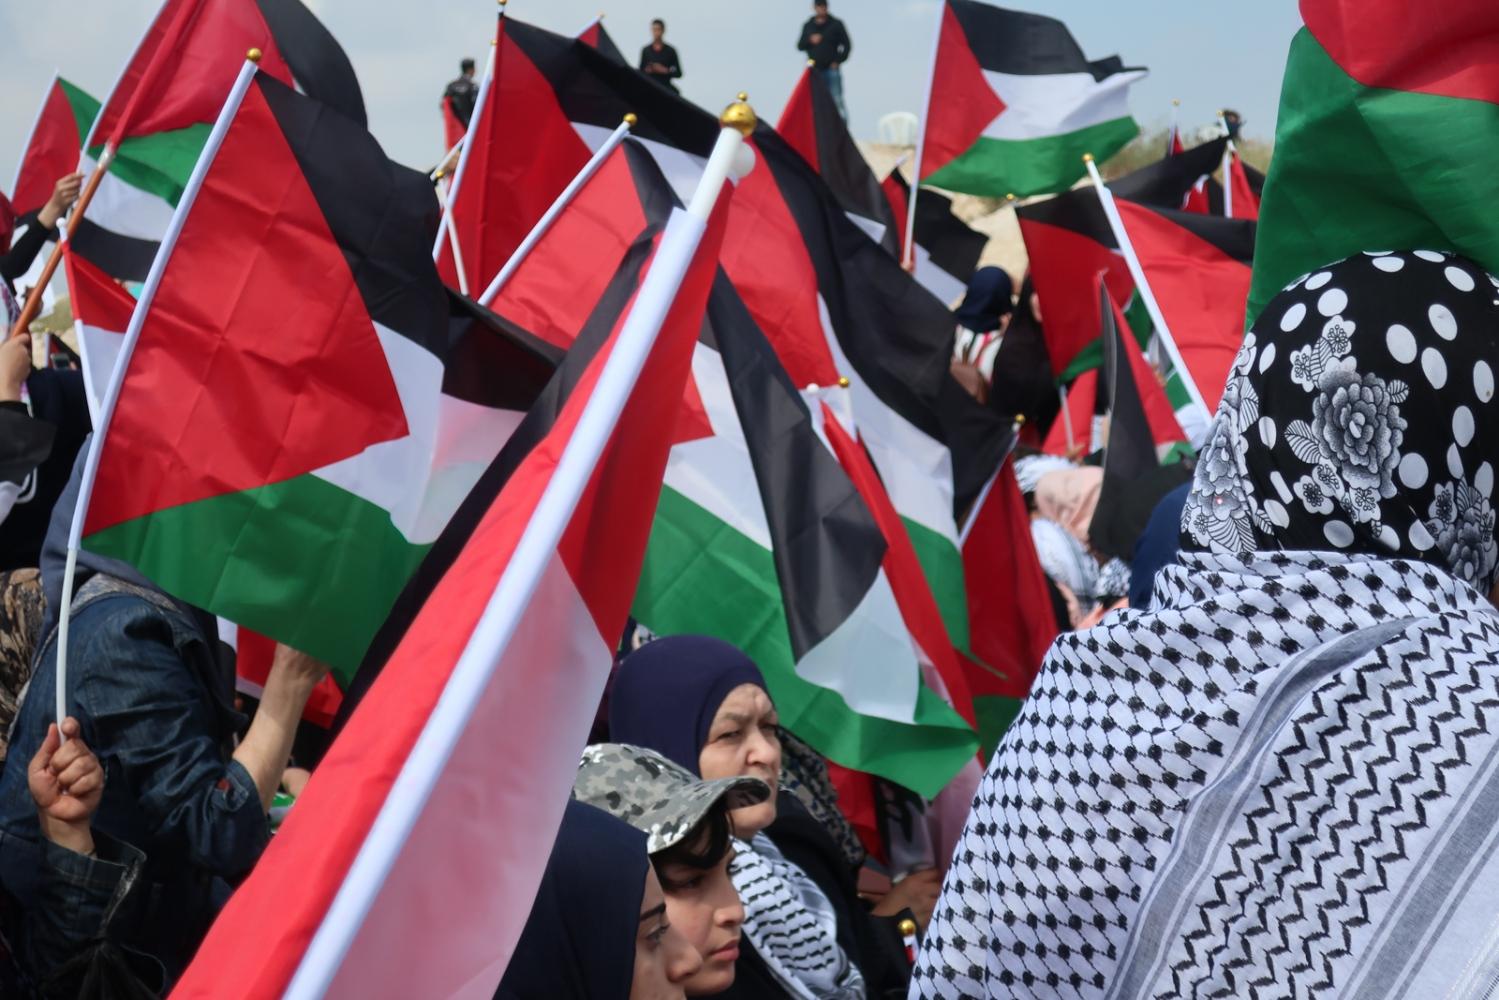 Liban - Fort de Beaufort - Femmes palestiniennes - 2018. Des femmes palestiniennes manifestent à l'occasion de la marche du grand retour pour l'anniversaire de la Nakba.